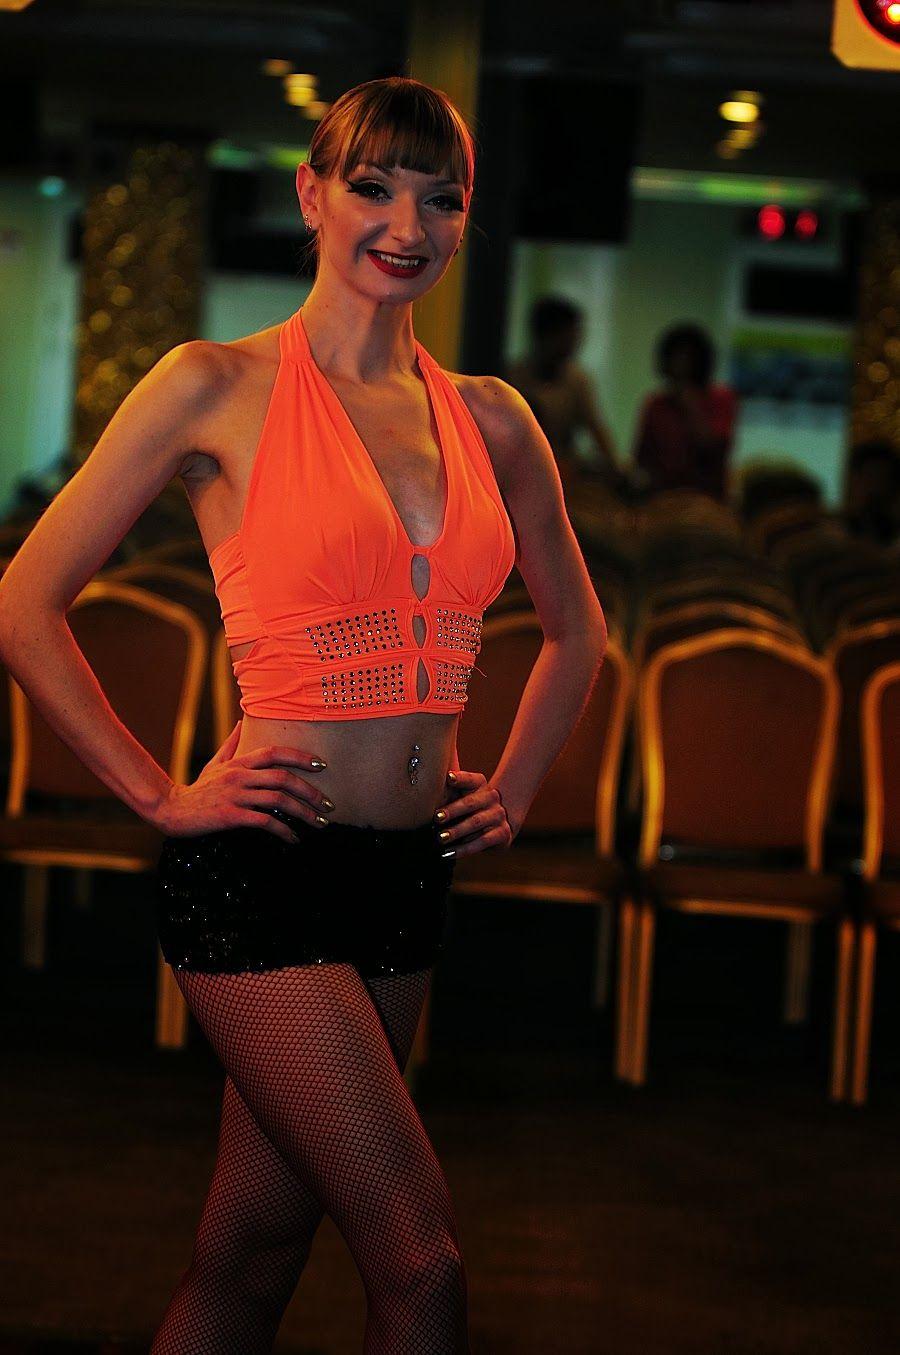 몸저생사 구글블로그: 아라뱃길 선상쇼 러시아 댄서 싸이 강남스타일 말춤 공연사진